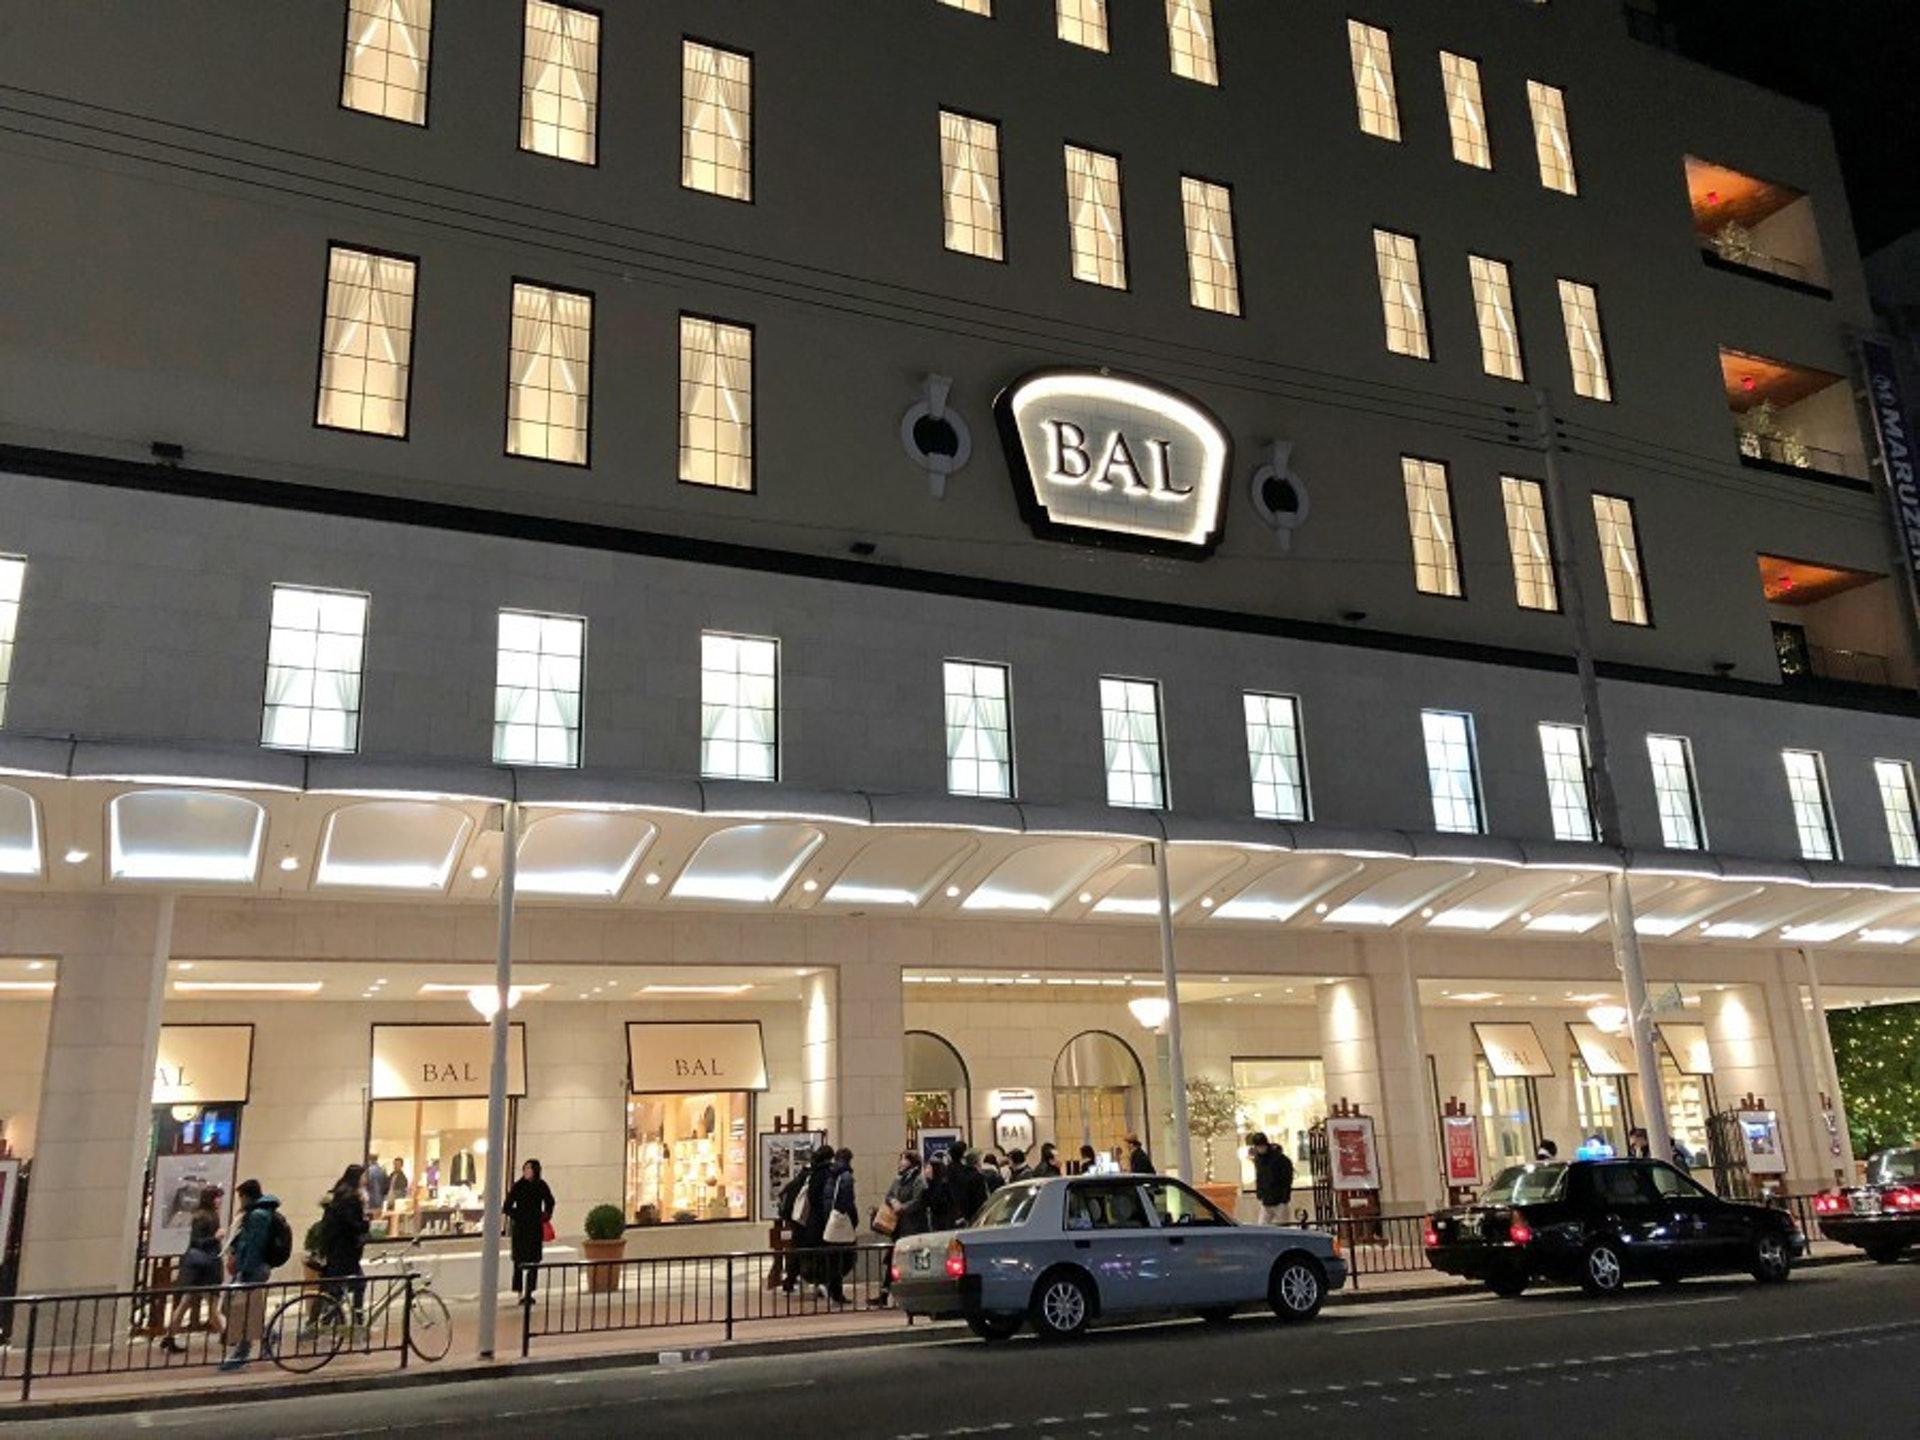 京都BAL於2015年重新開幕,告別了以往舊式商業大樓的形象,轉型成為極時尚的百貨公司!(KKday)